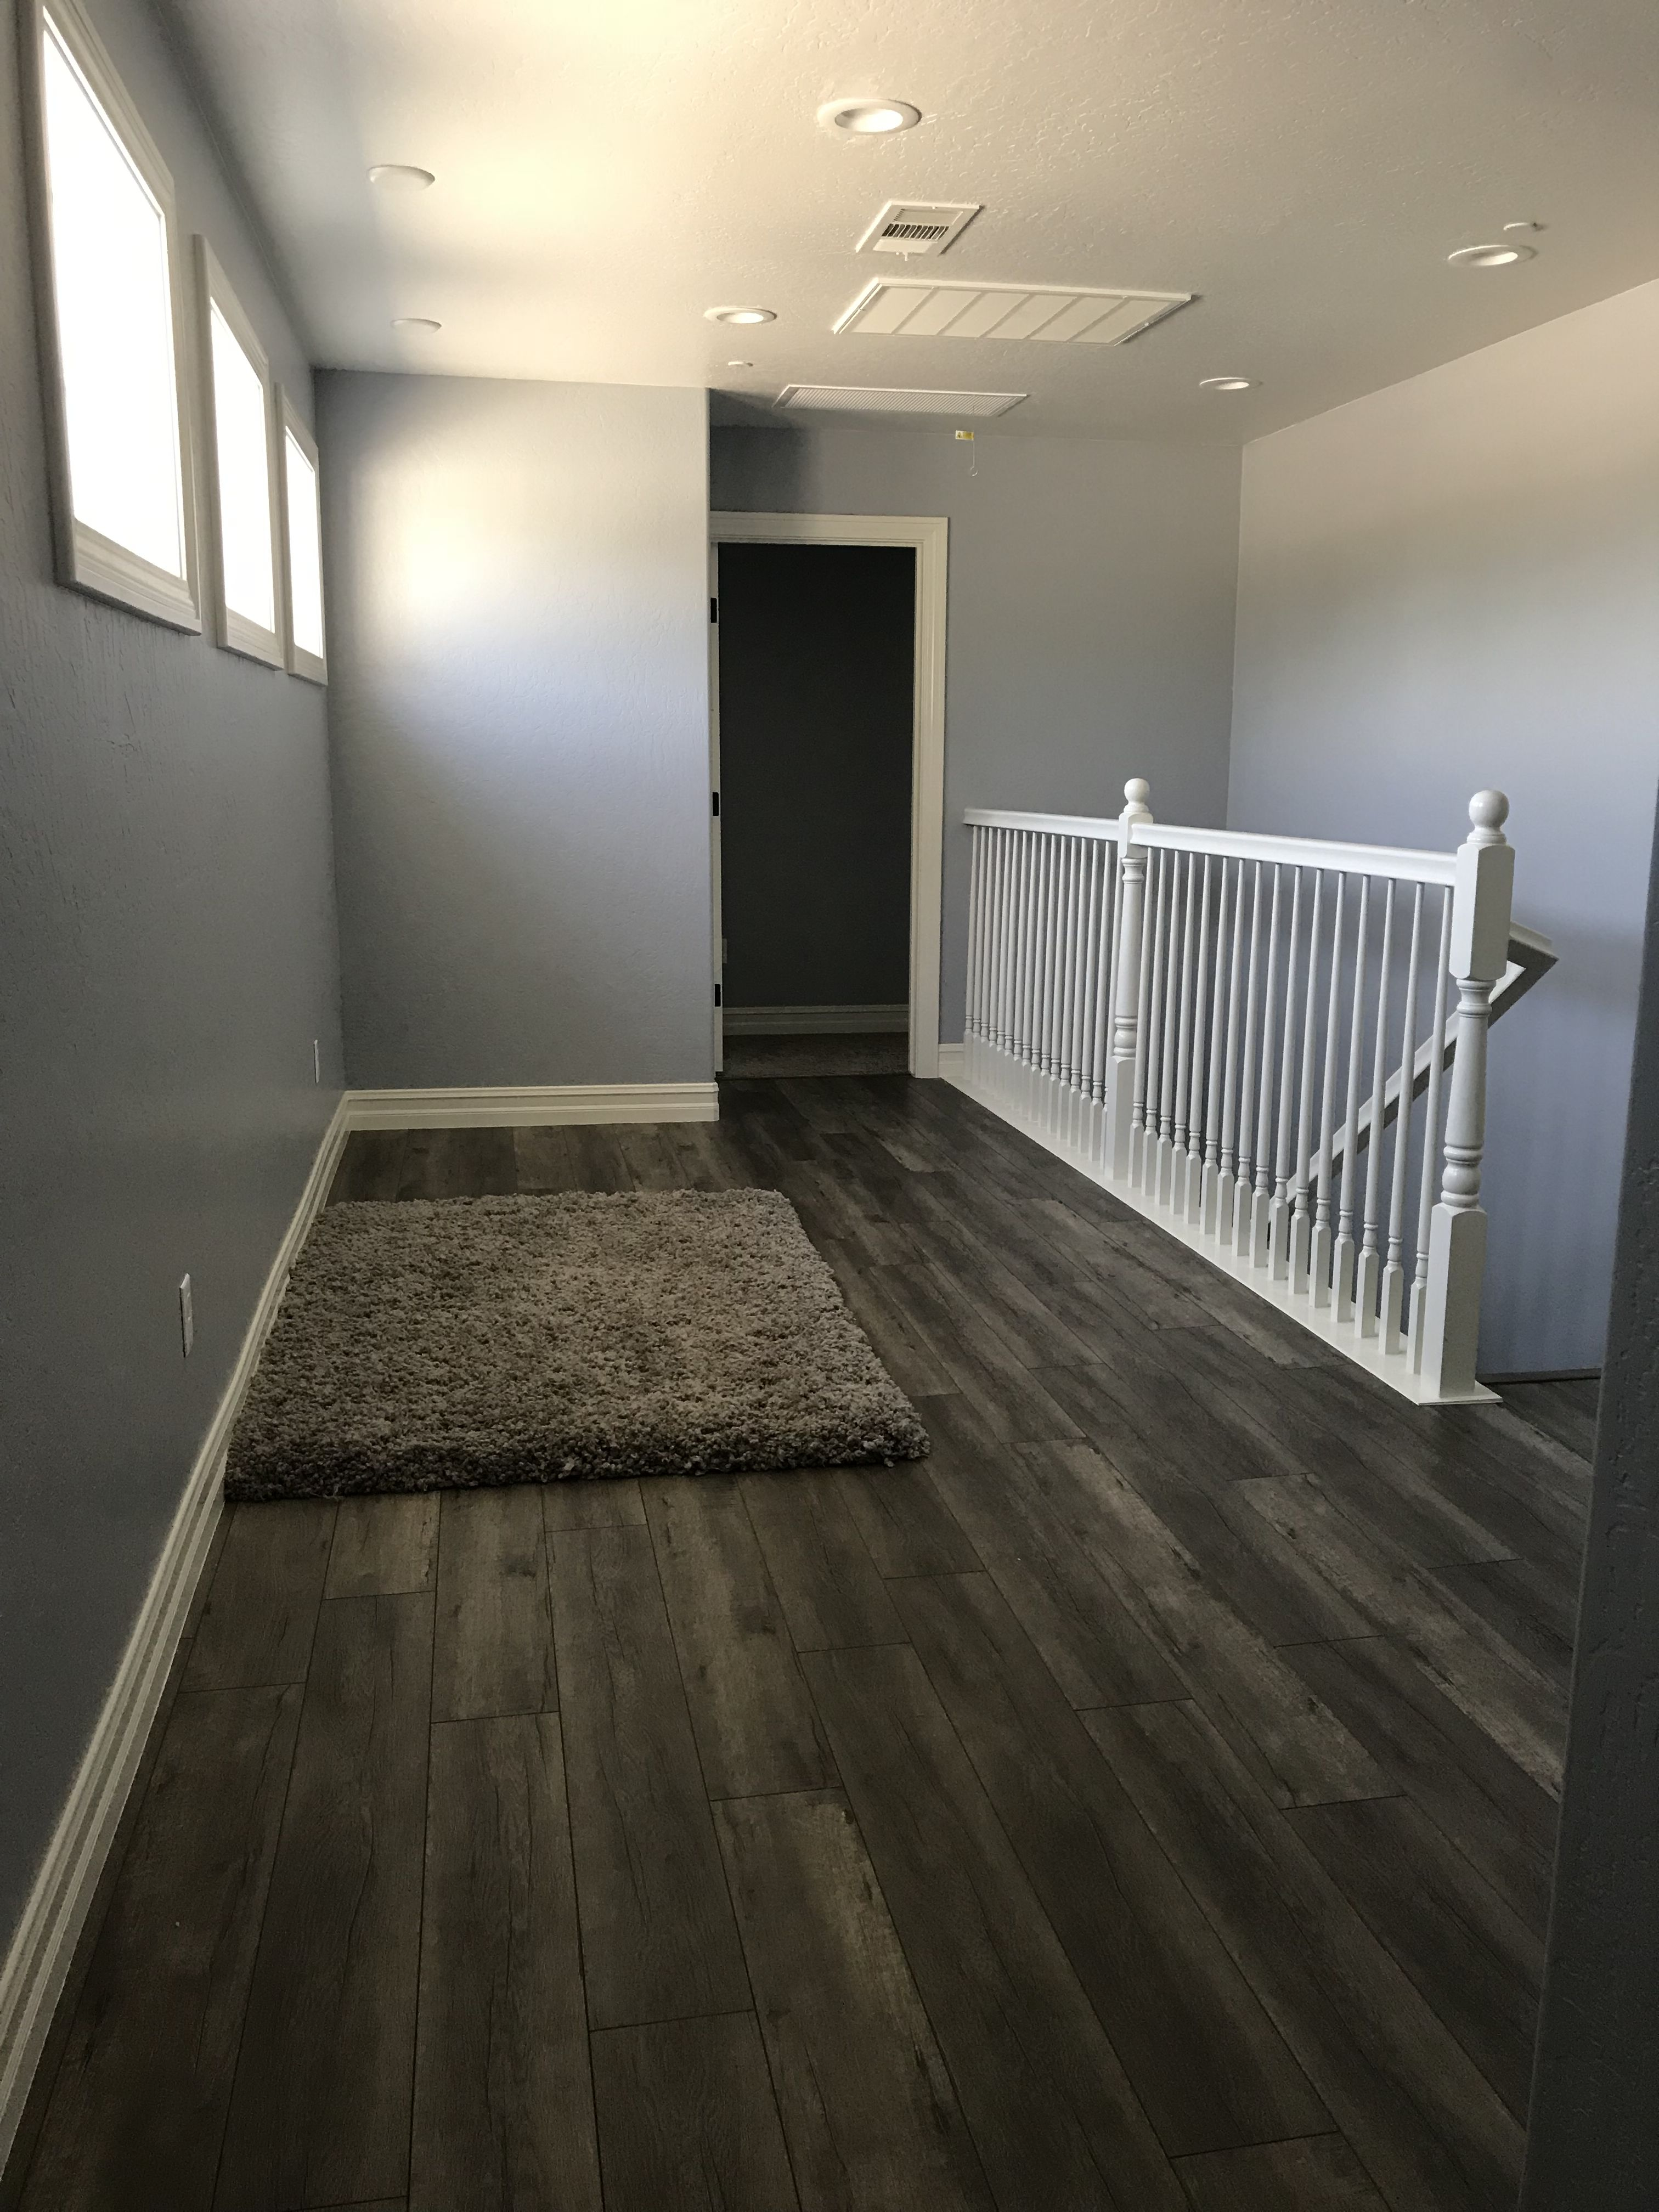 My new home ideas gray laminate flooring Grey laminate